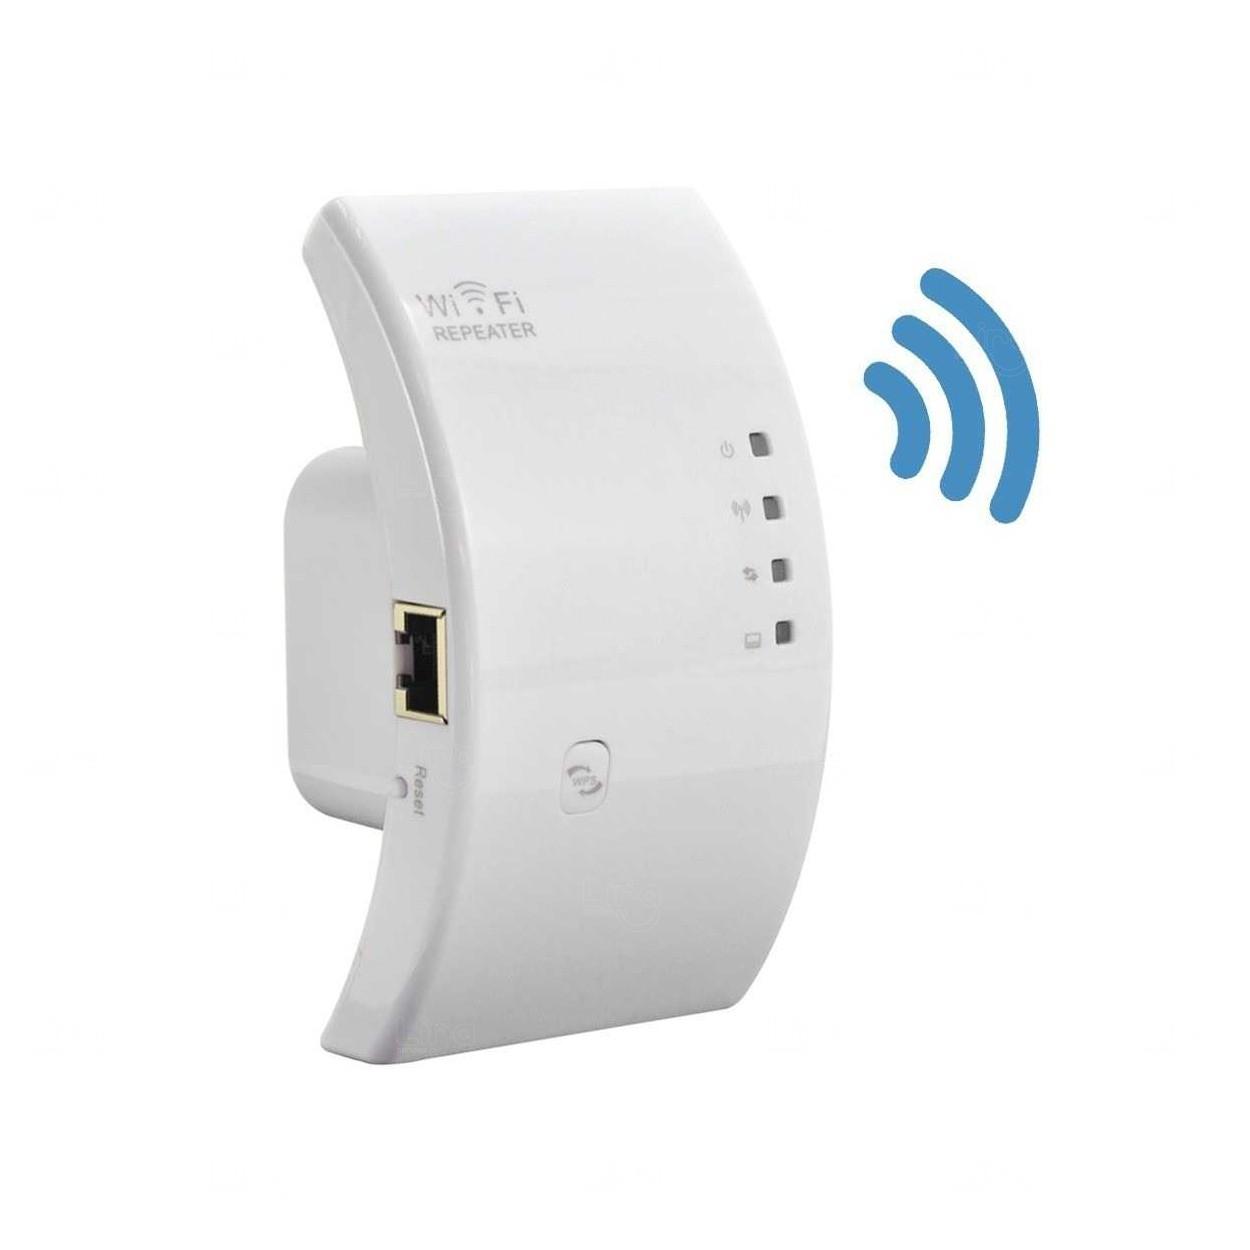 Amplificador De Sinal Wi-Fi Personalizado Branco